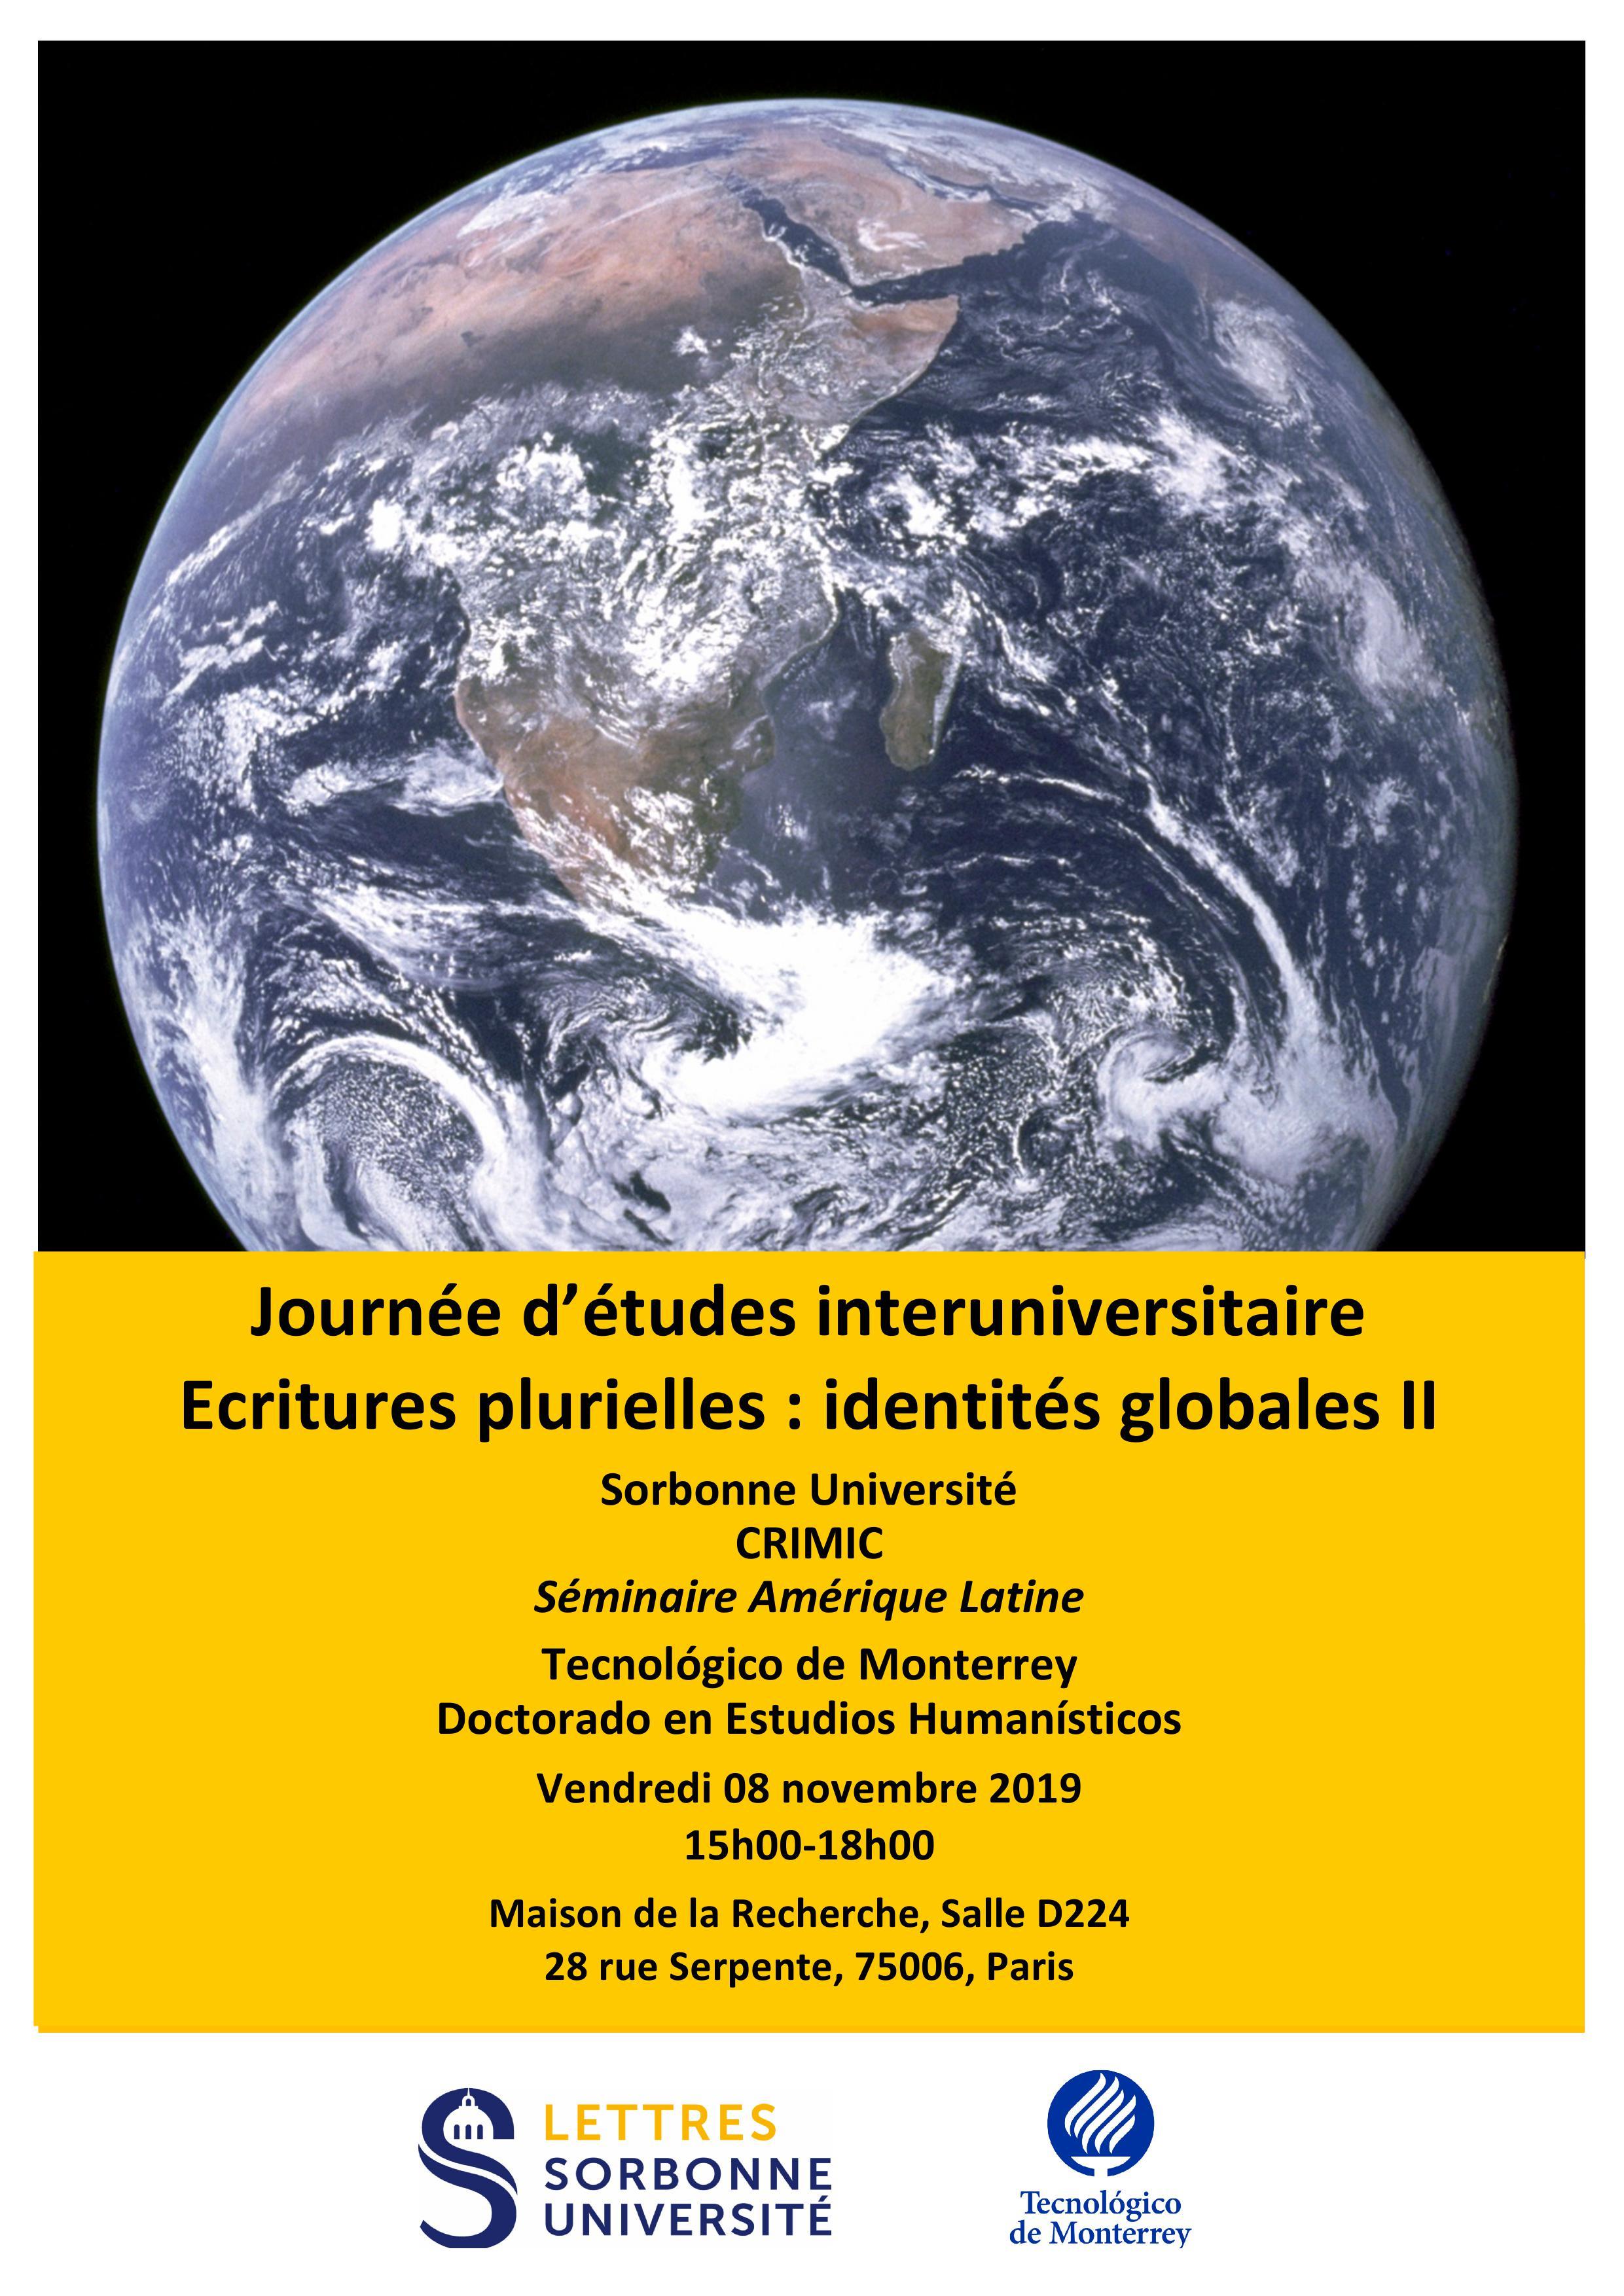 Journée d'études interuniversitaire « Ecritures plurielles : Identités globales II »